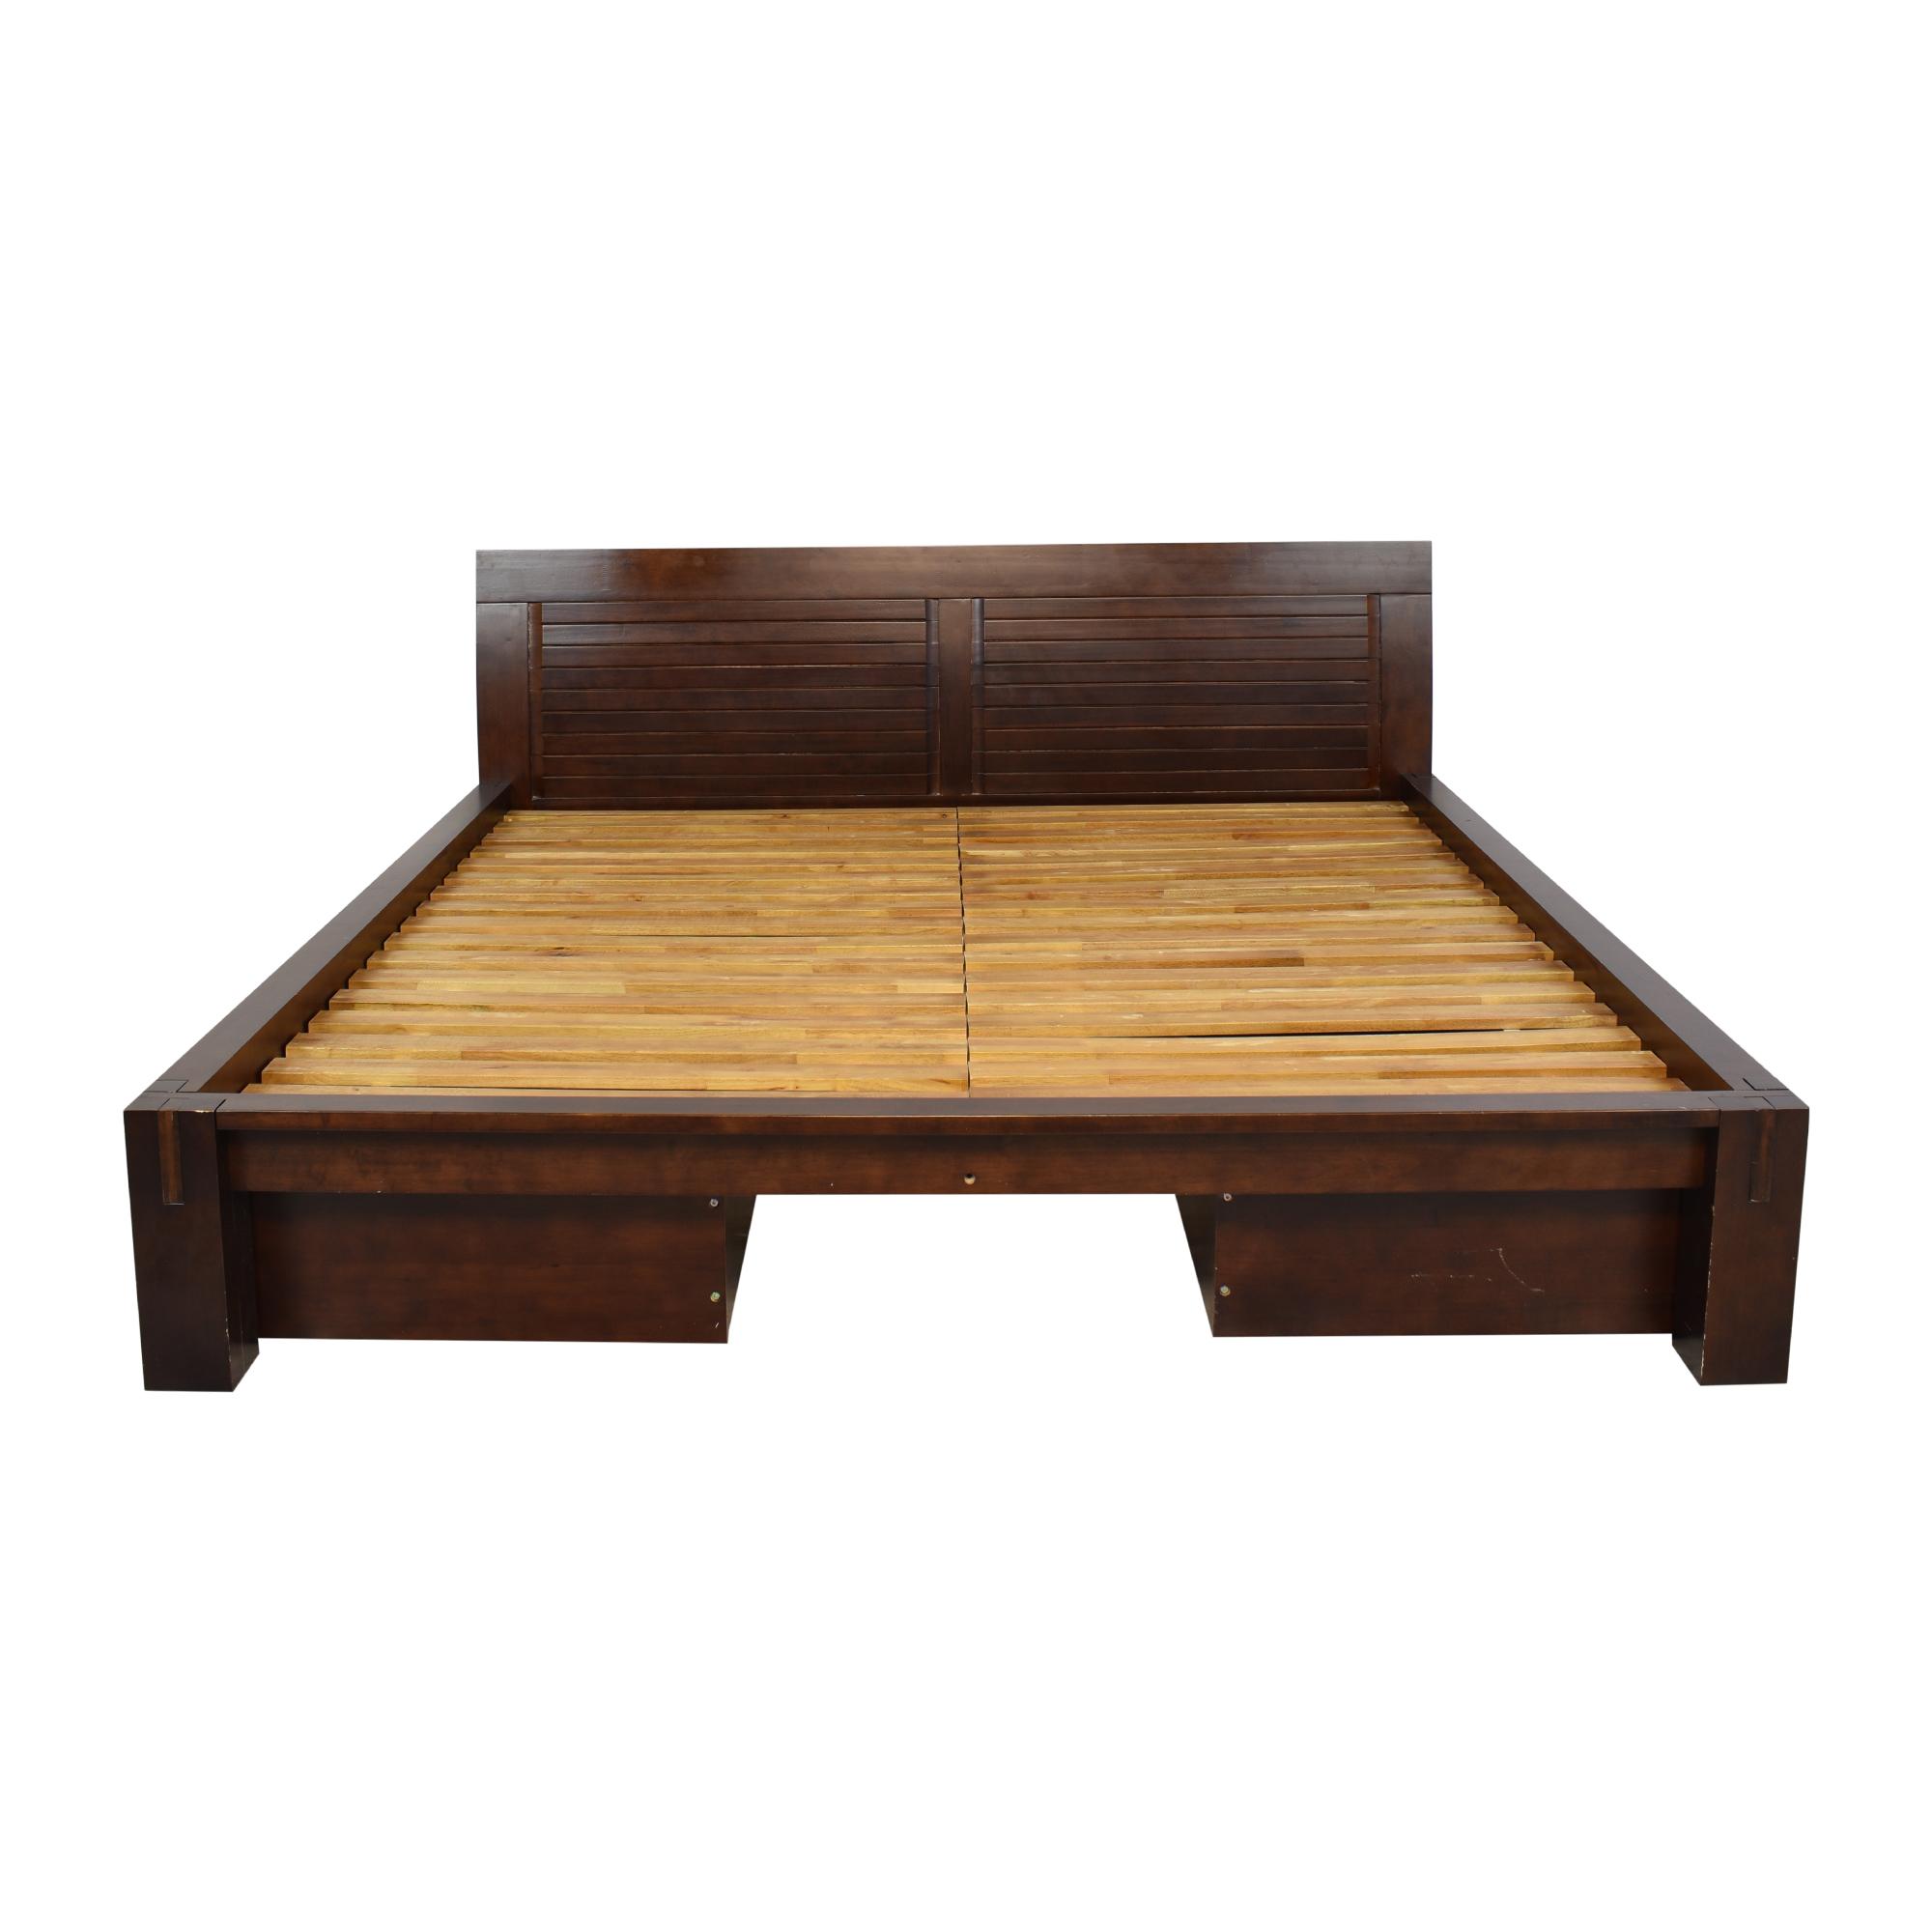 Tatami Japanese King Platform Bed with Storage Drawers